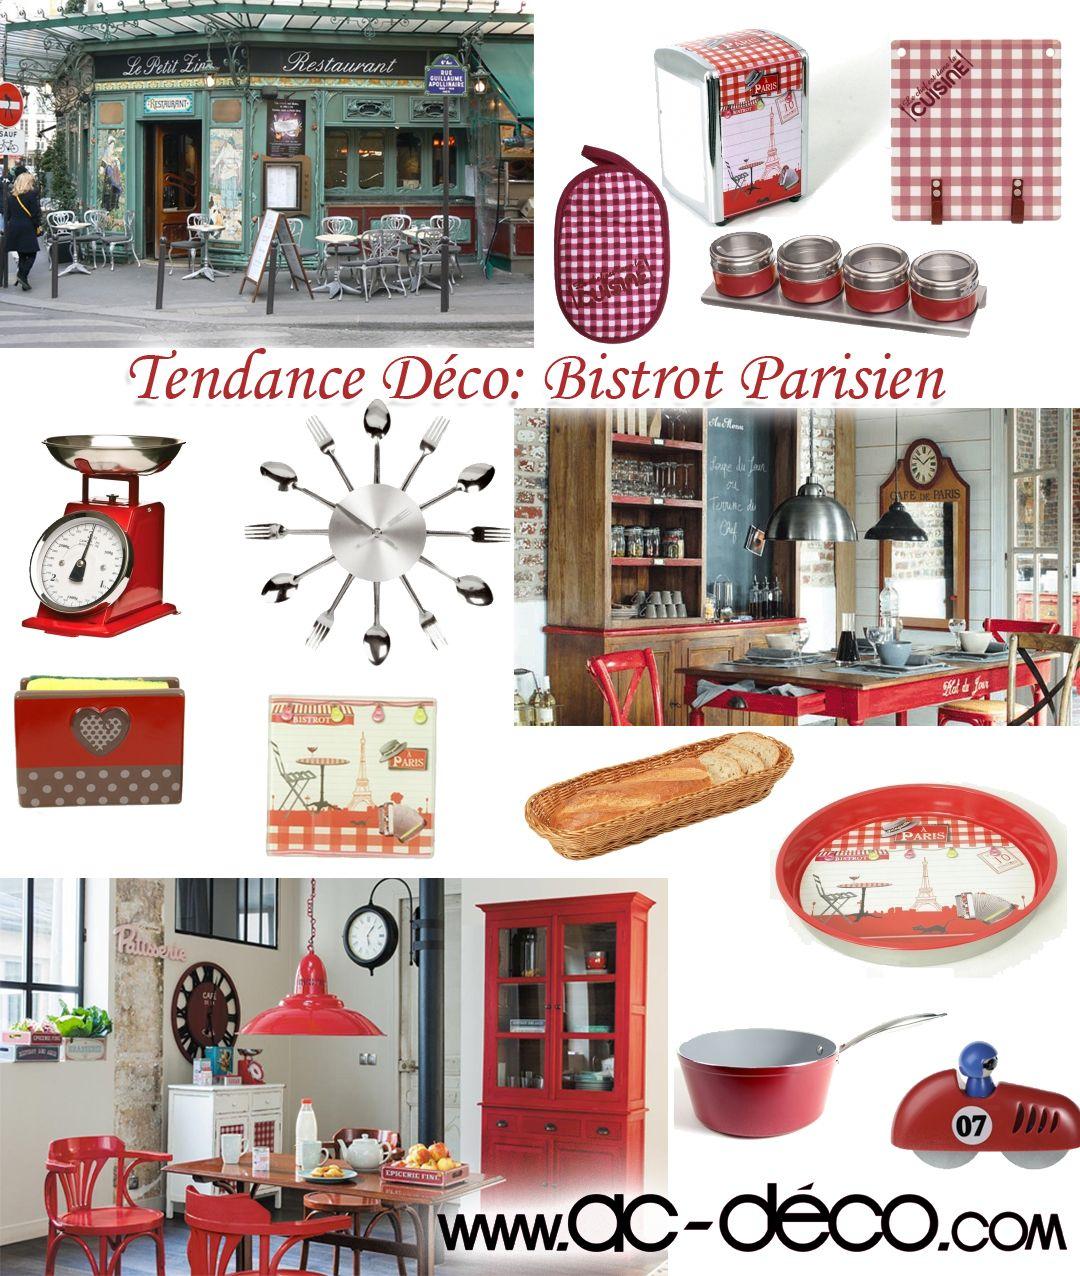 Tendance de décoration : Bistrot Parisien sur www.ac-deco.com Des